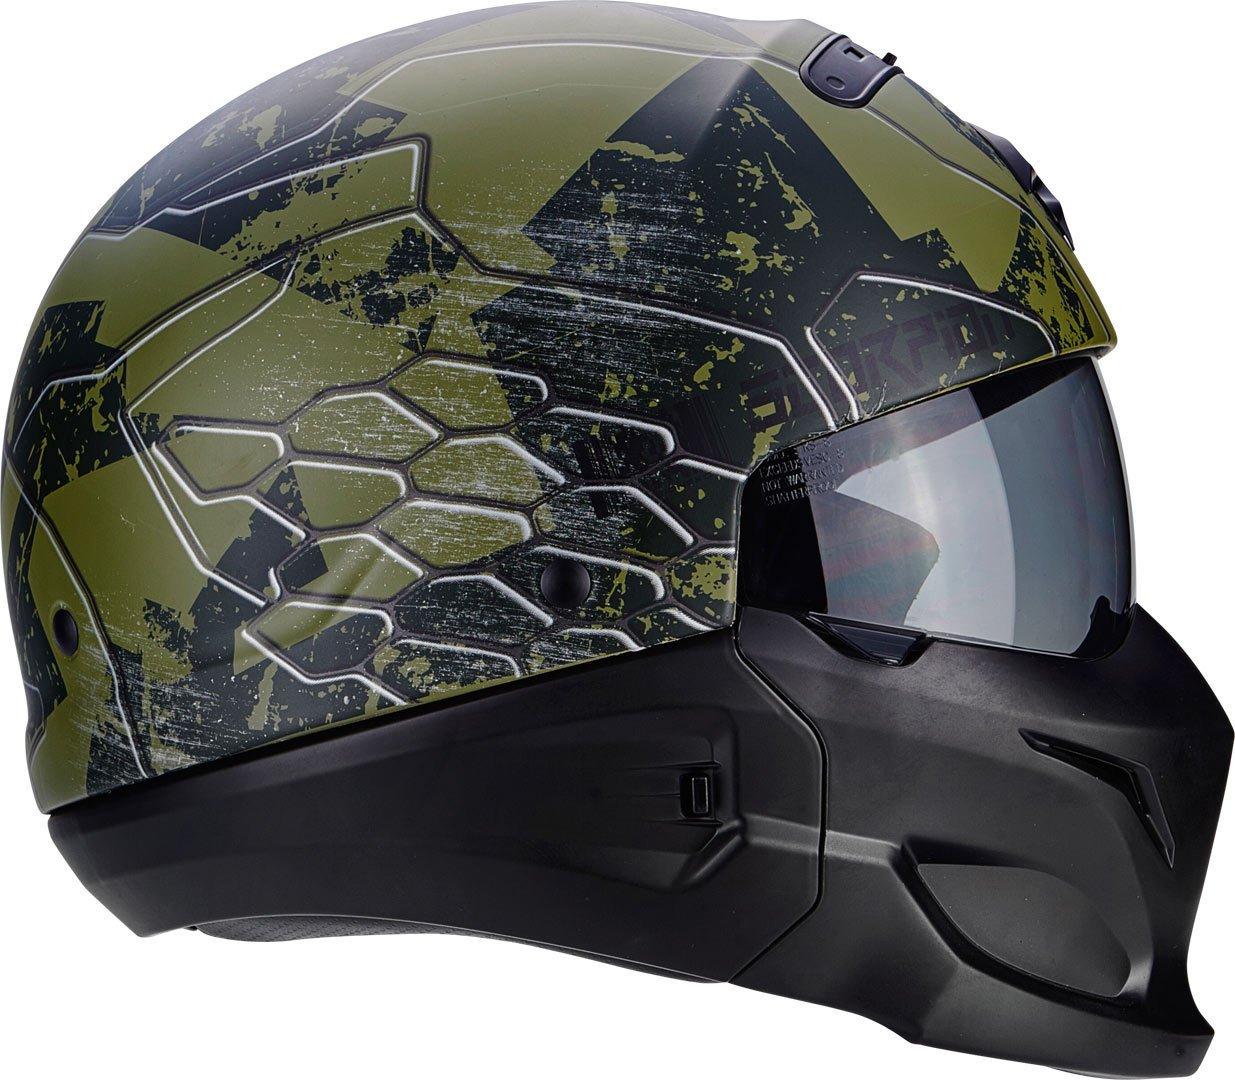 Titanium Scorpion 82-281-233-03 Motorrad Helm S